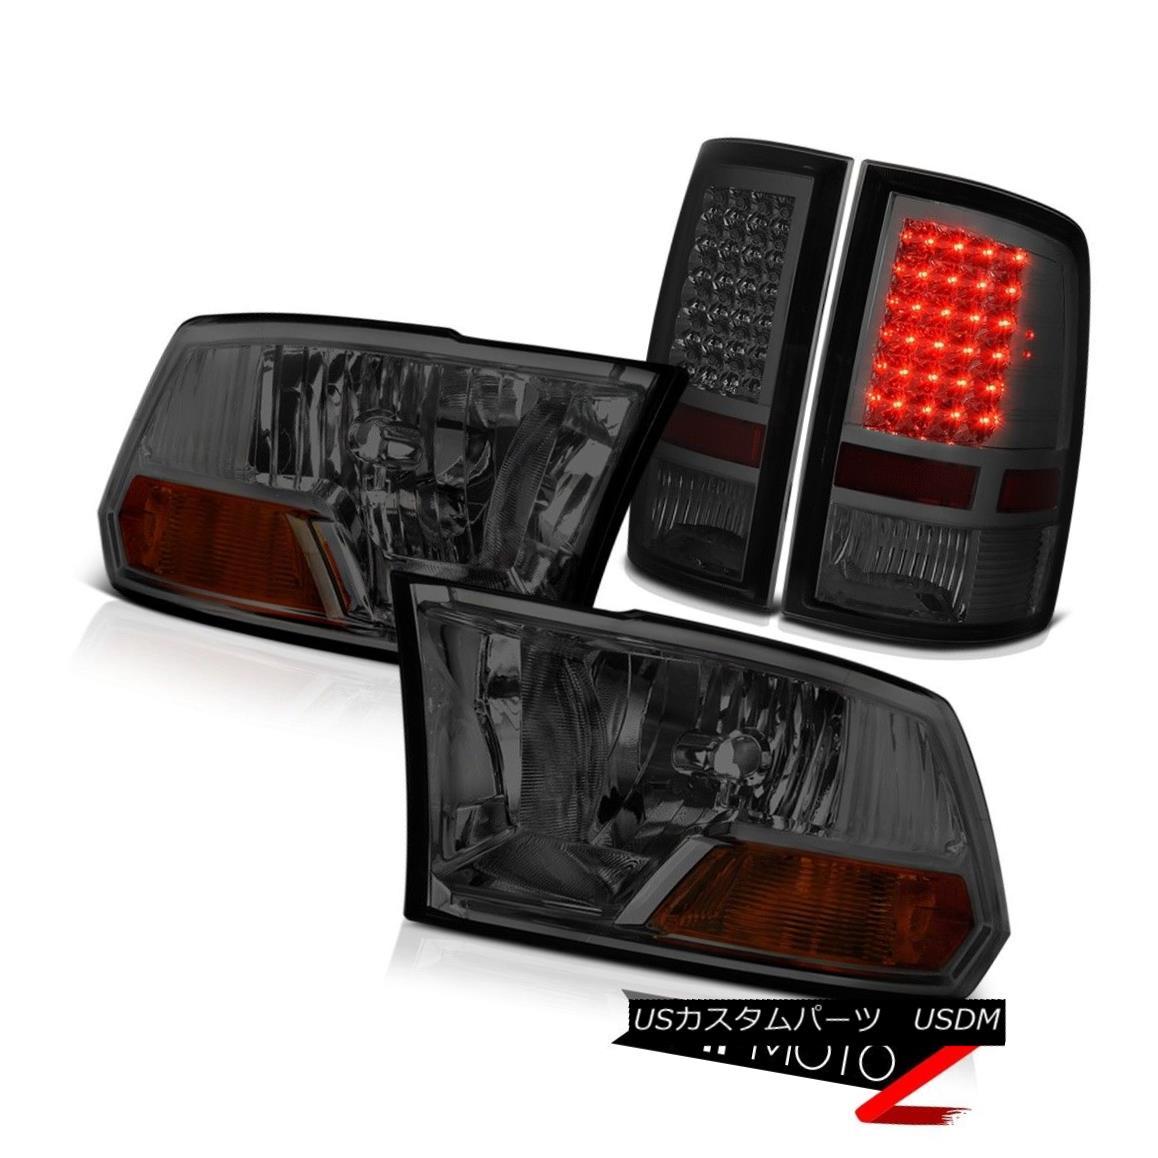 ヘッドライト MATCHING SMOKE Headlights+LED Tail Light 2009-2010-2011-2012-2013-2018 Dodge Ram ヘッドライト+ LEDテールライトとのマッチング2009-2010-2011  -2012-2013-201  8 Dodge Ram